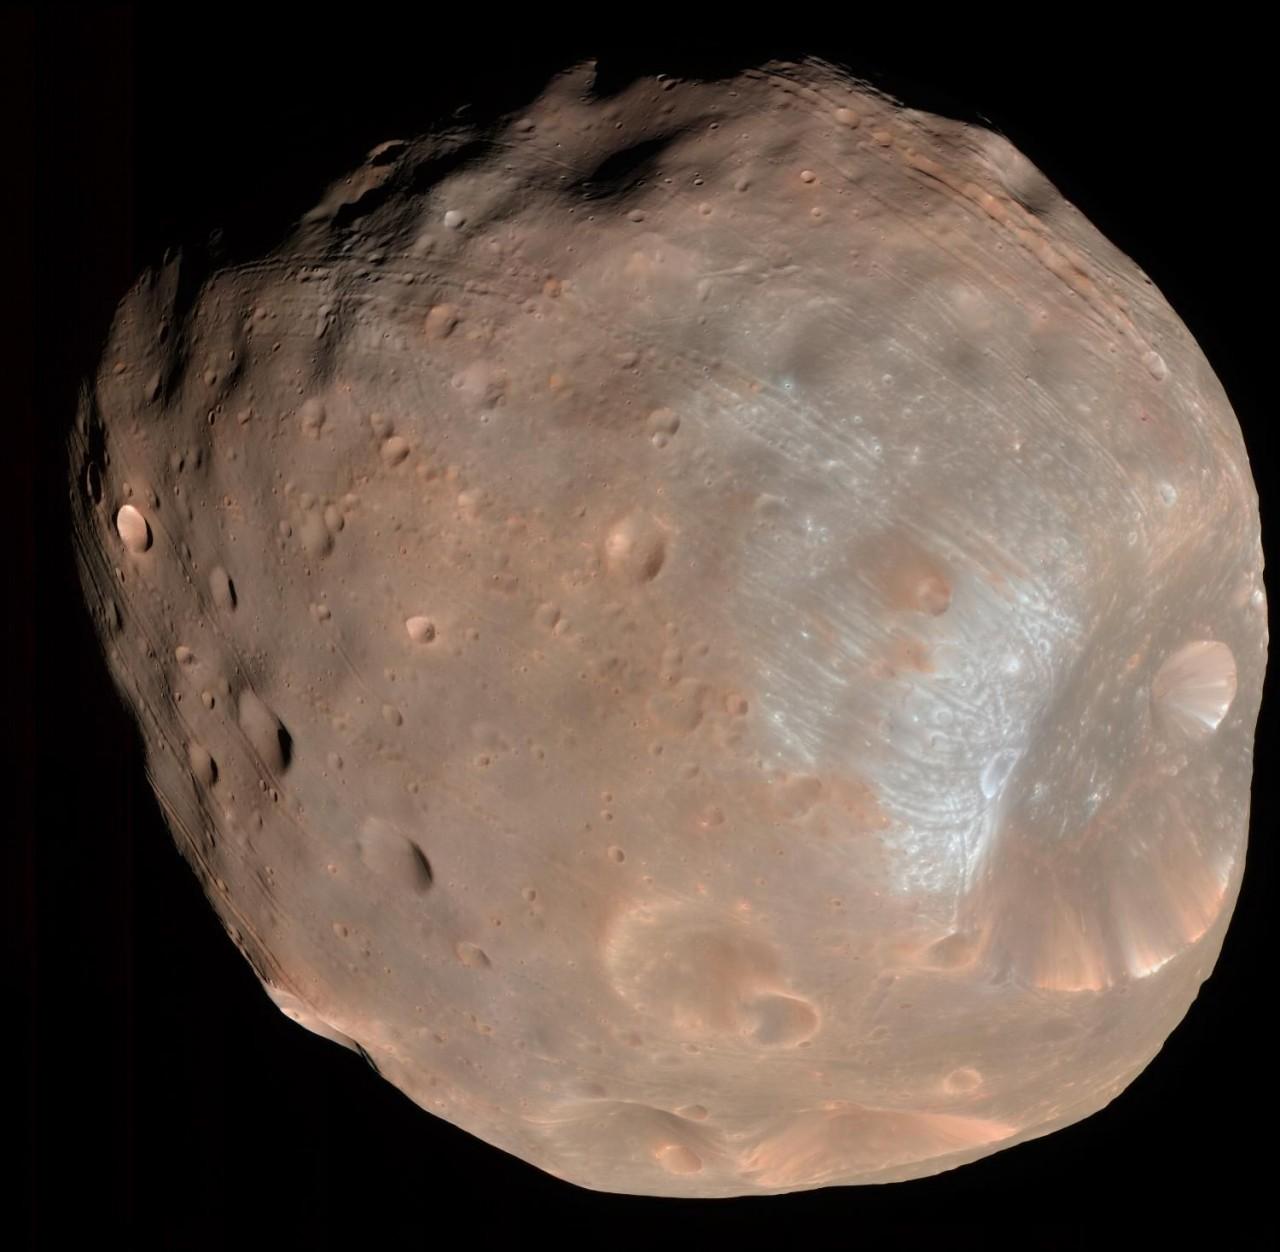 Через 40 миллионов лет Марс будет опоясан кольцом (потеряв один свой спутник)